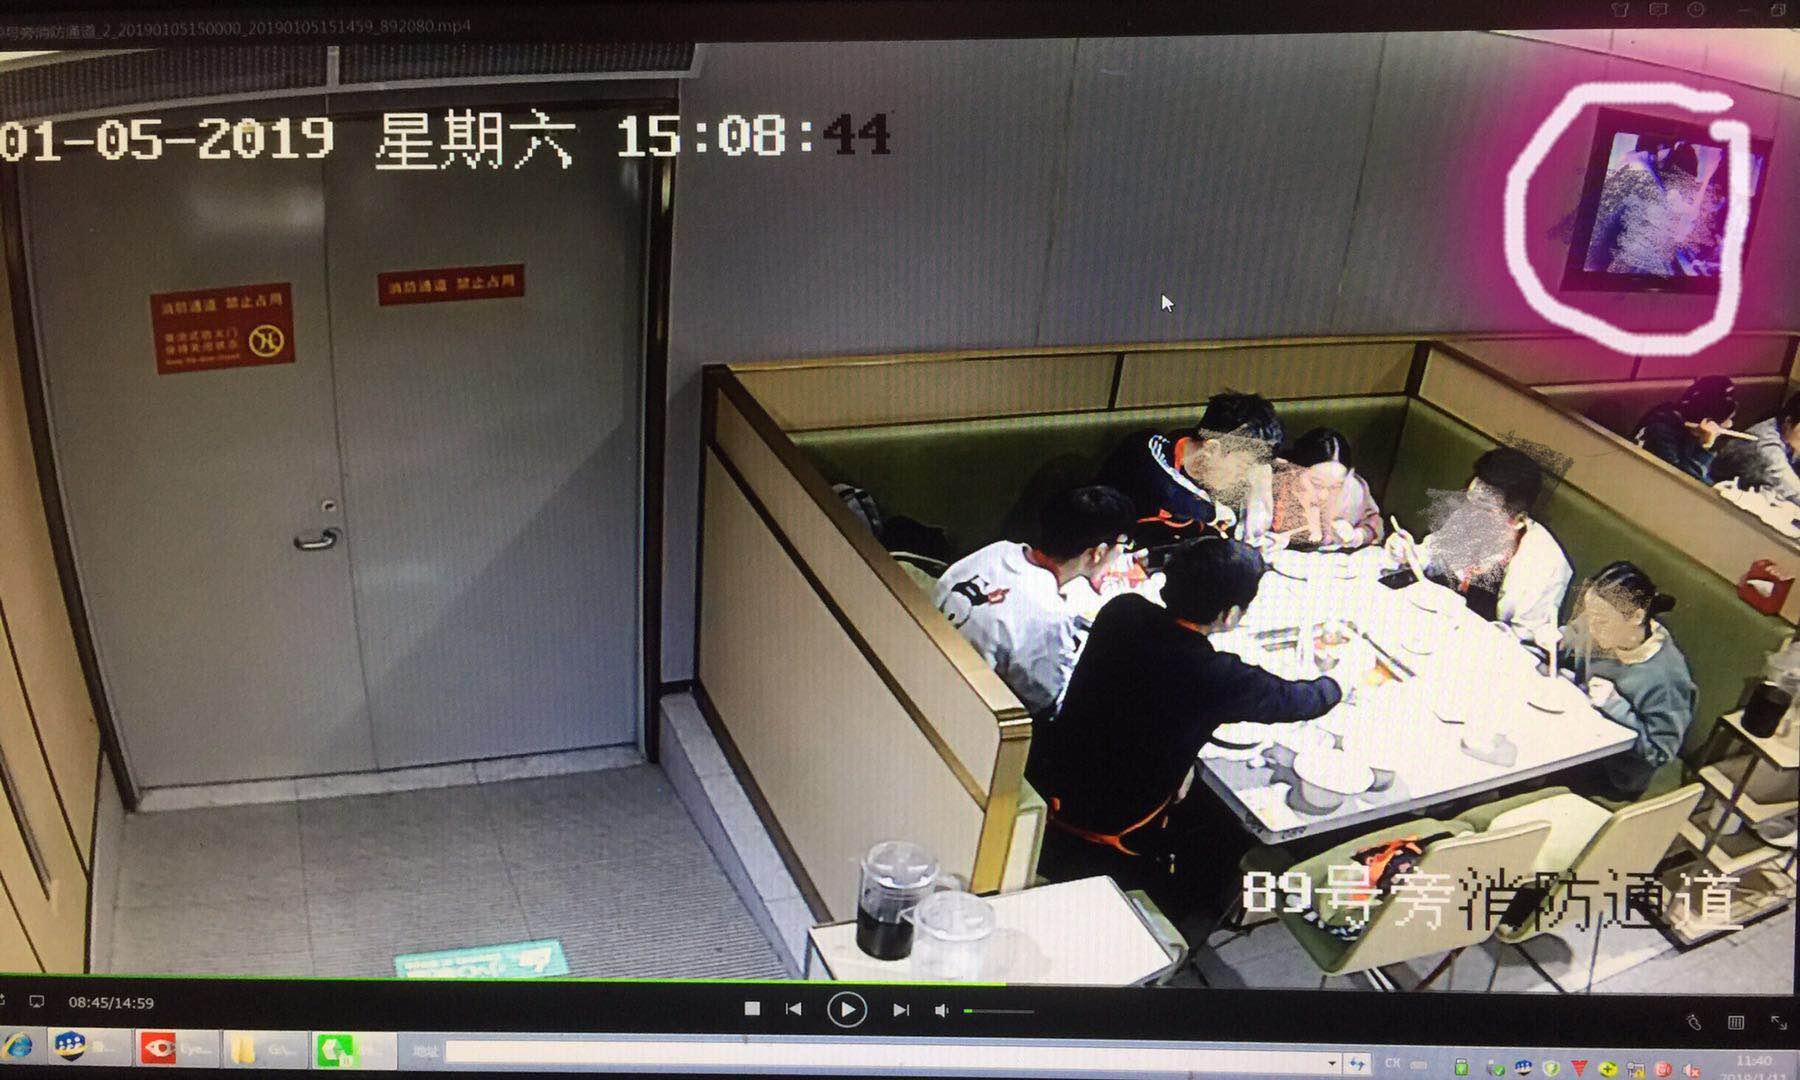 海底捞不雅视频事件侦破:男子破解网络投屏被刑拘的照片 - 2